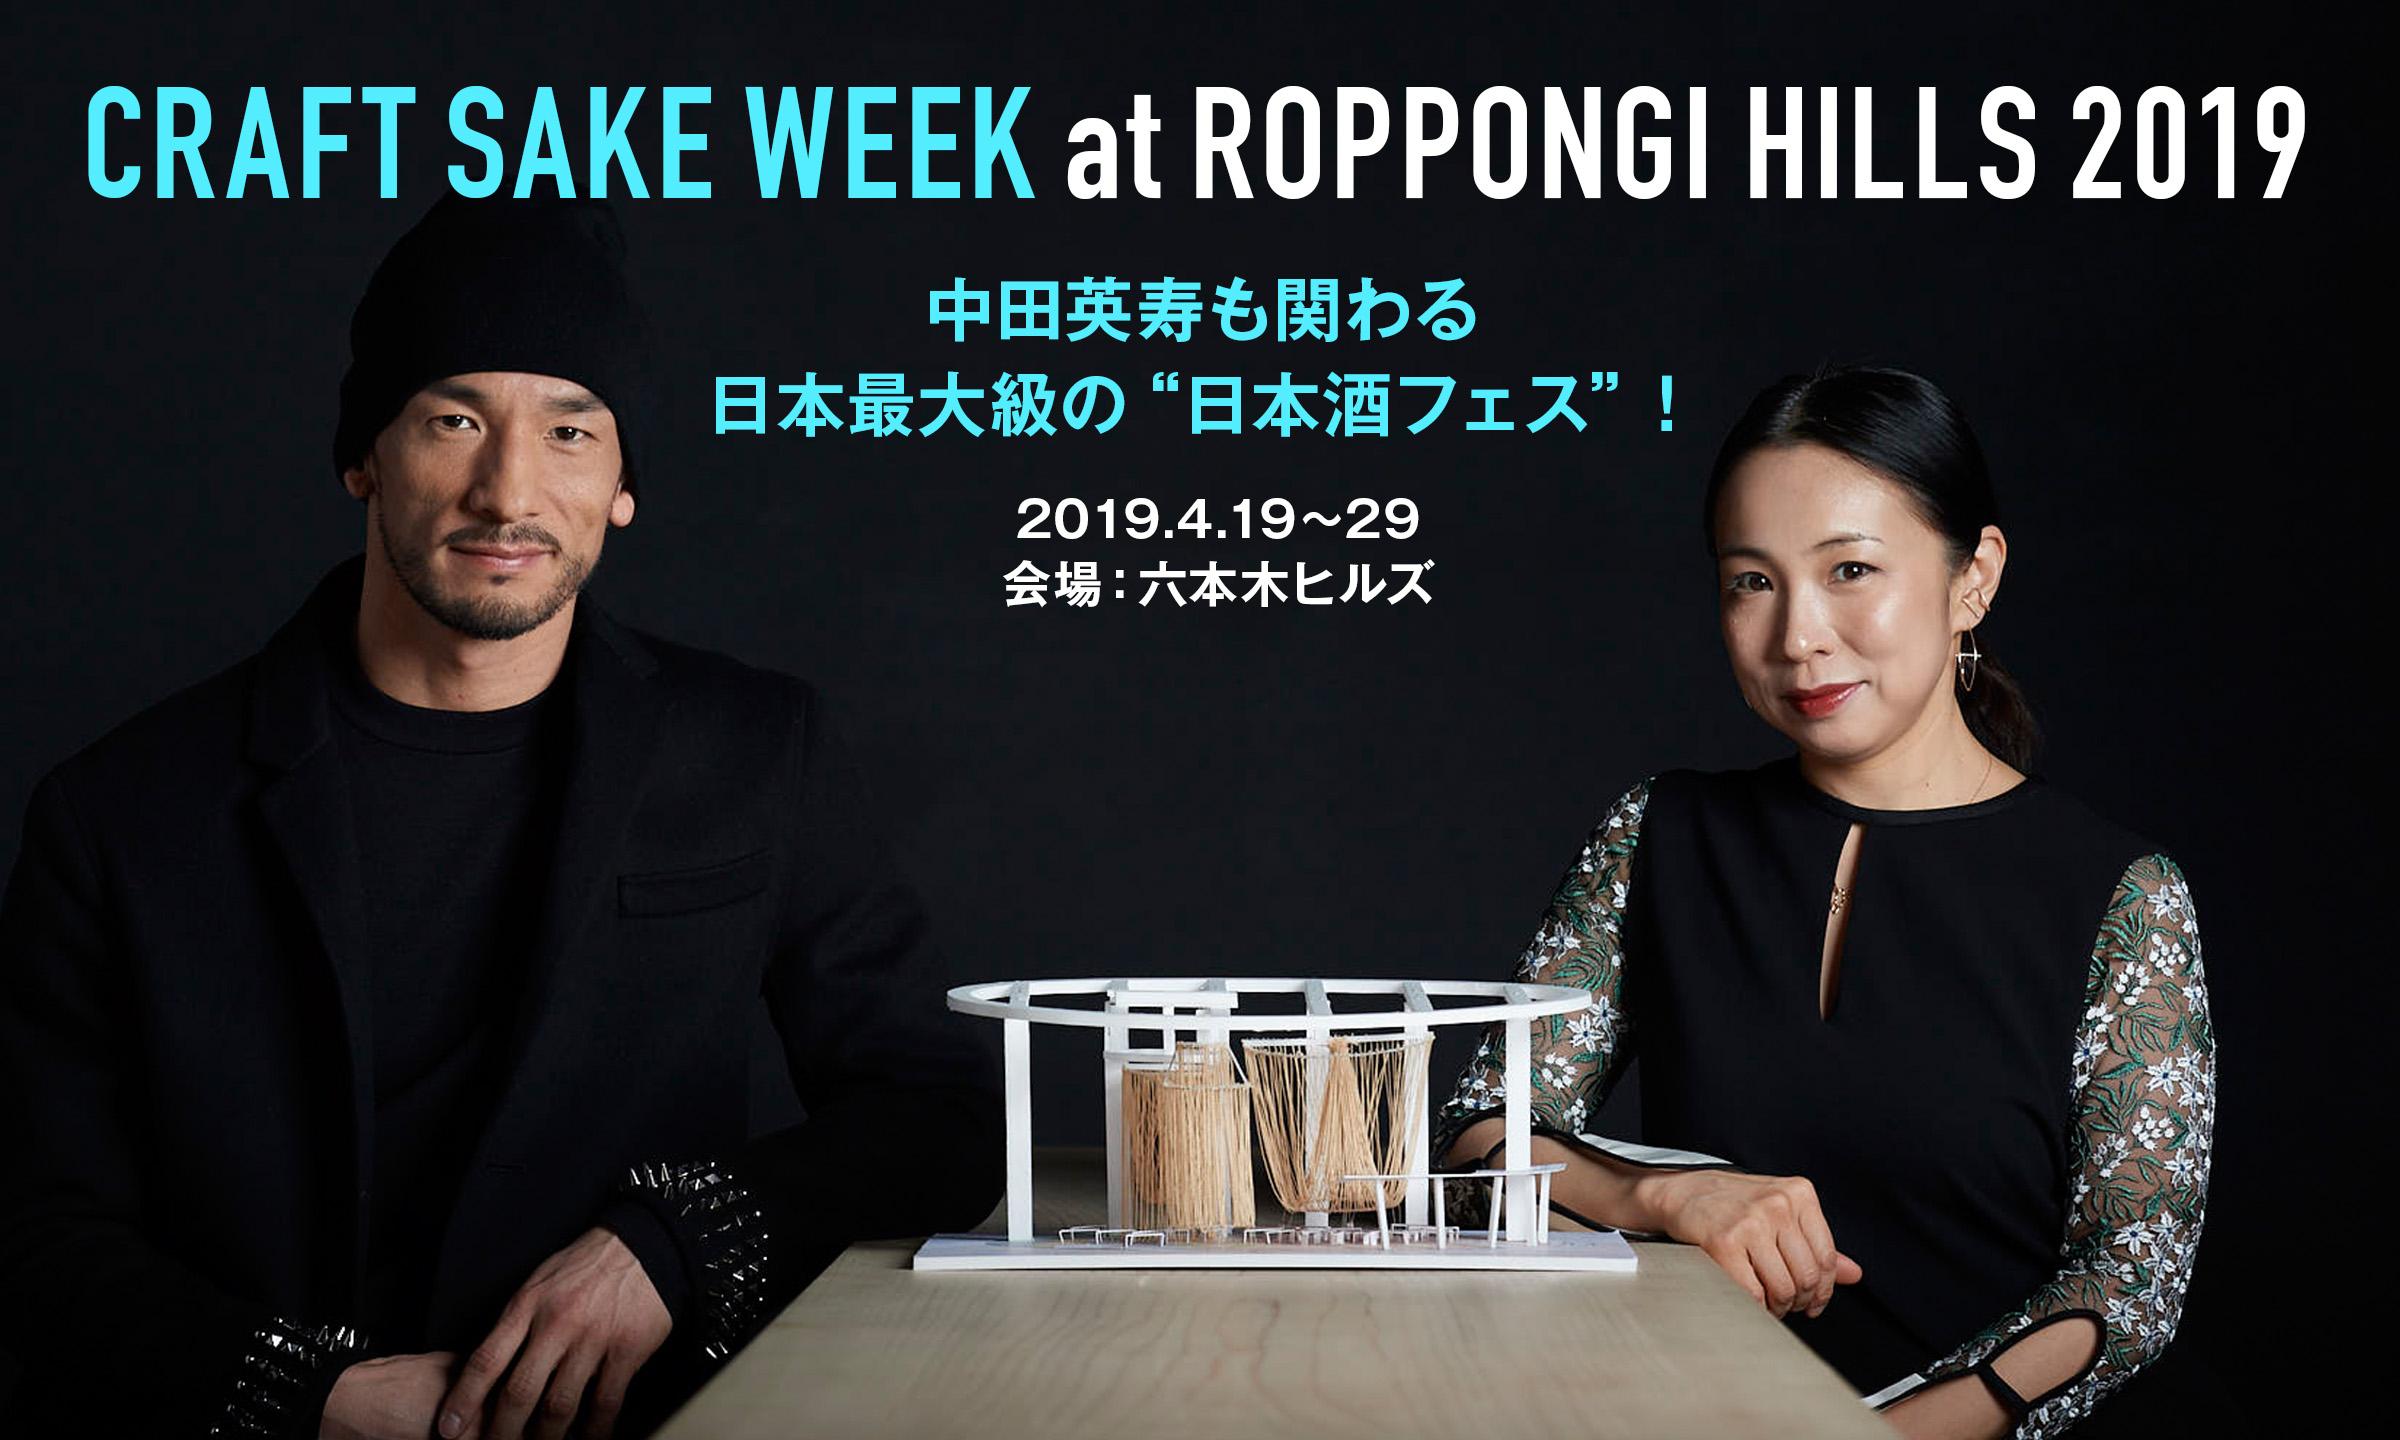 """中田英寿も関わる日本最大級の""""日本酒フェス""""! -CRAFT SAKE WEEK at ROPPONGI HILLS 2019-"""